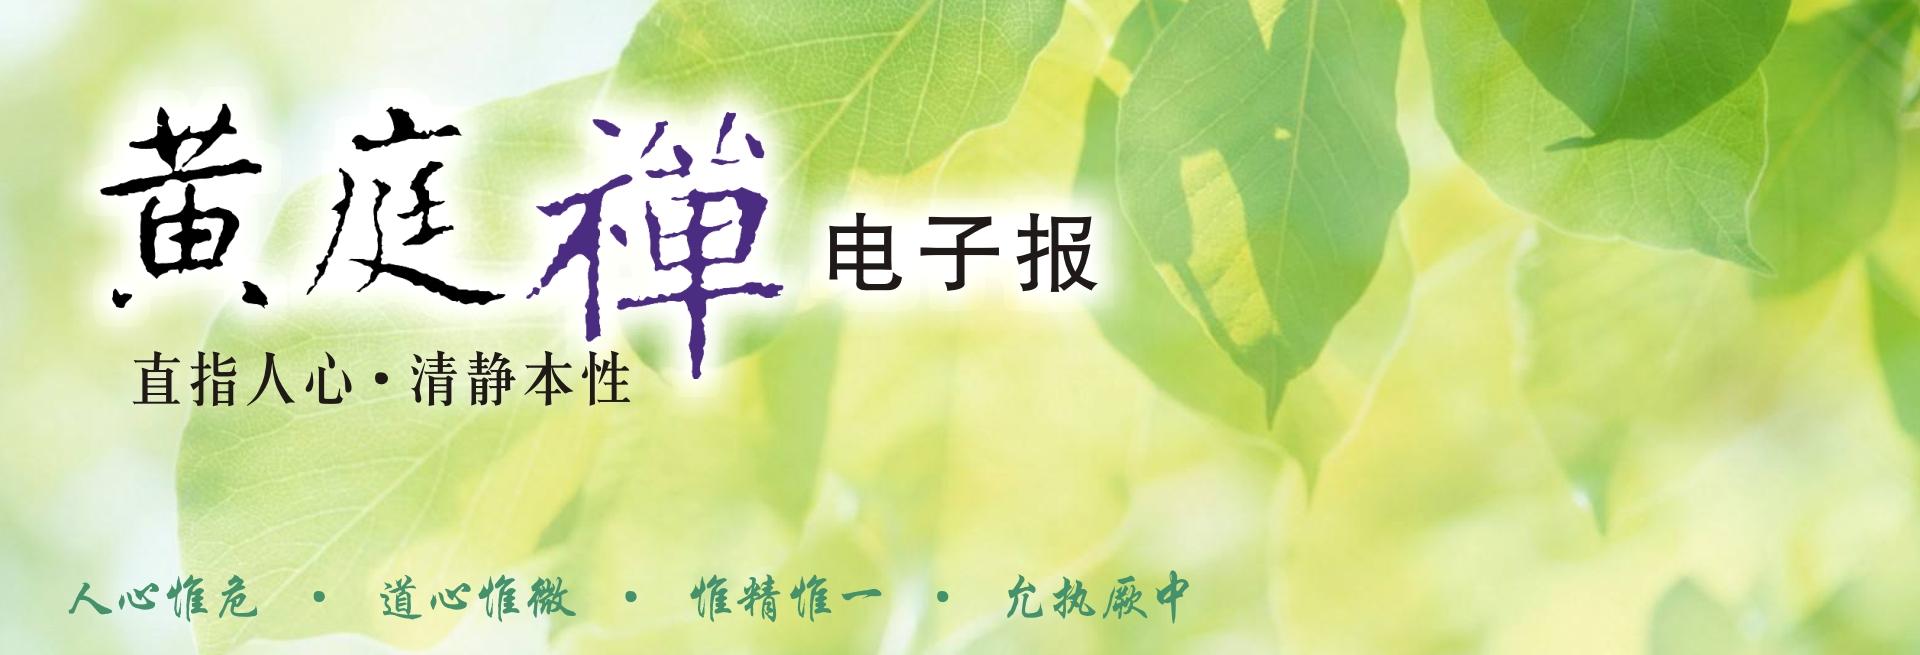 中華黃庭禪學會2019.03.21電子報